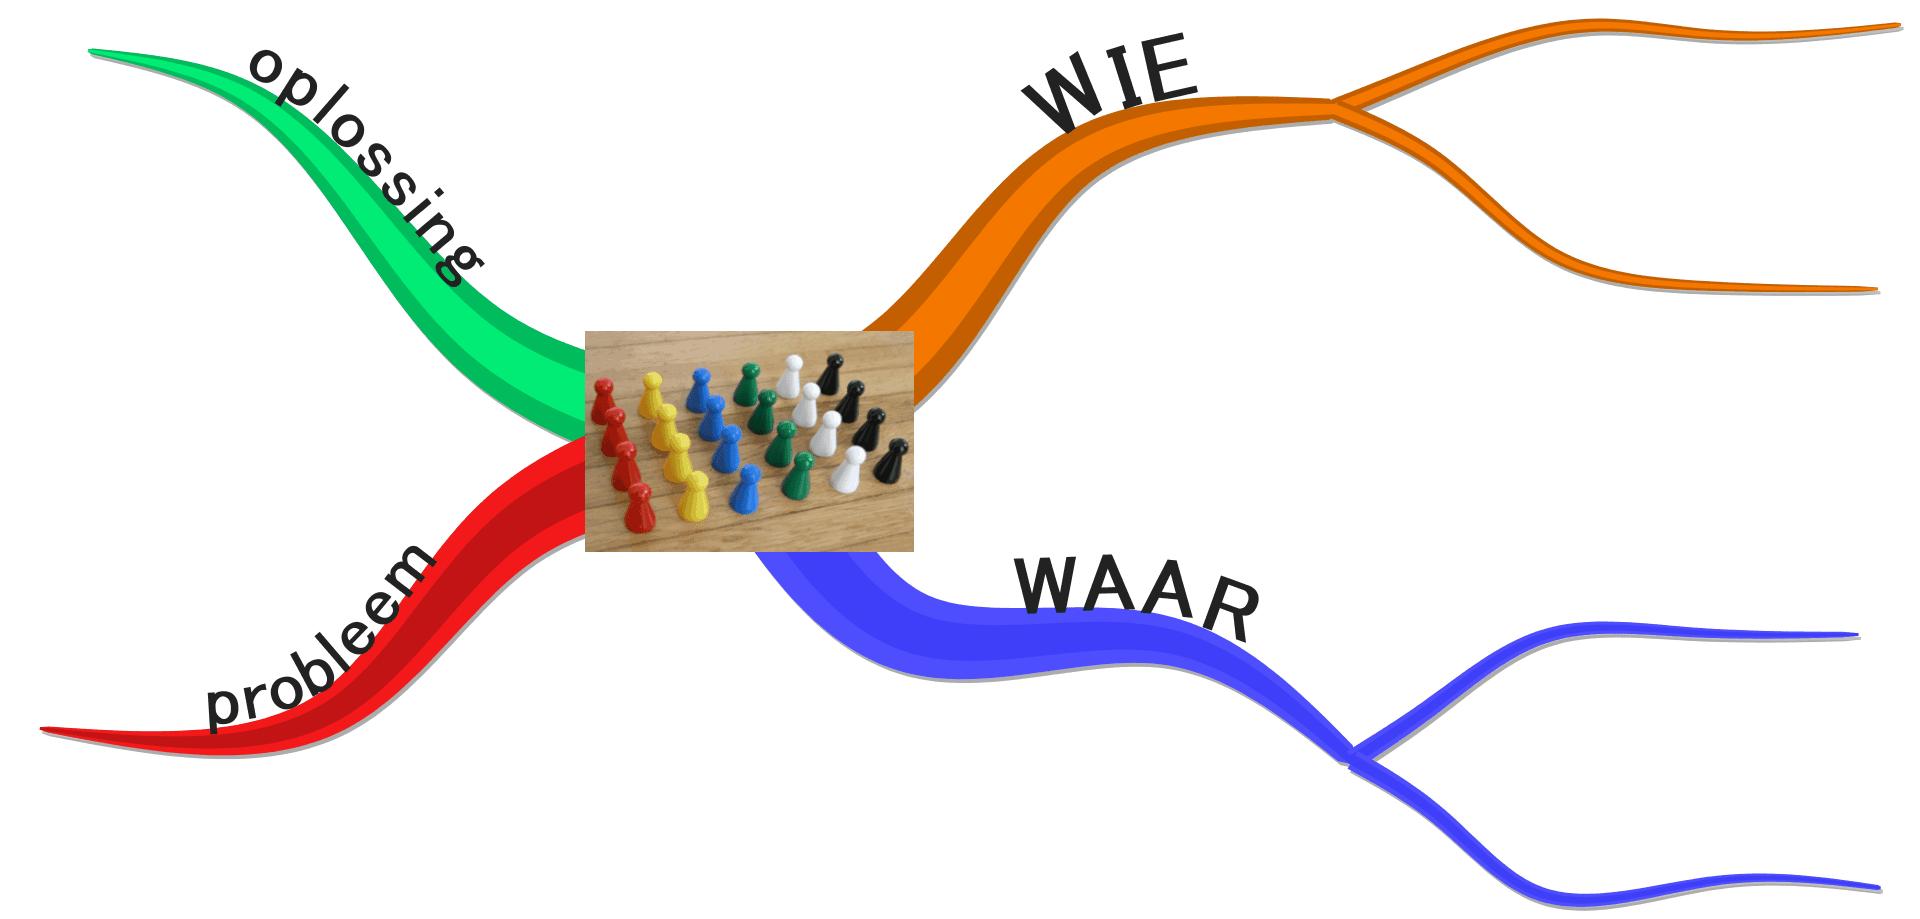 04_wie-waar-probleem-oplossing